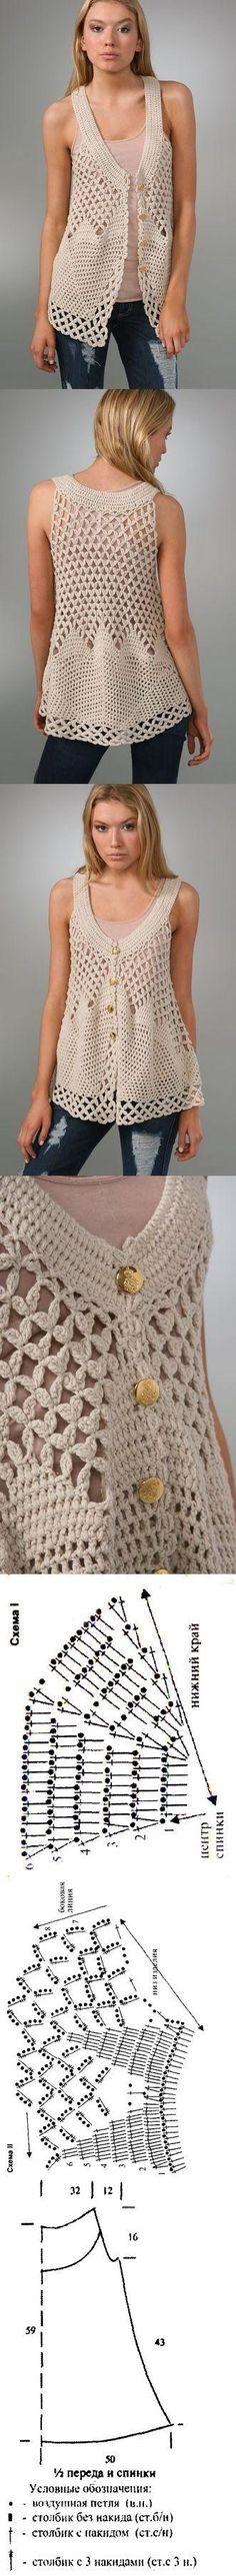 Crochet Vest by janine Moda Crochet, Crochet Motifs, Crochet Yarn, Crochet Tops, Free Crochet, Crochet Pattern, Crochet Shirt, Crochet Jacket, Crochet Cardigan